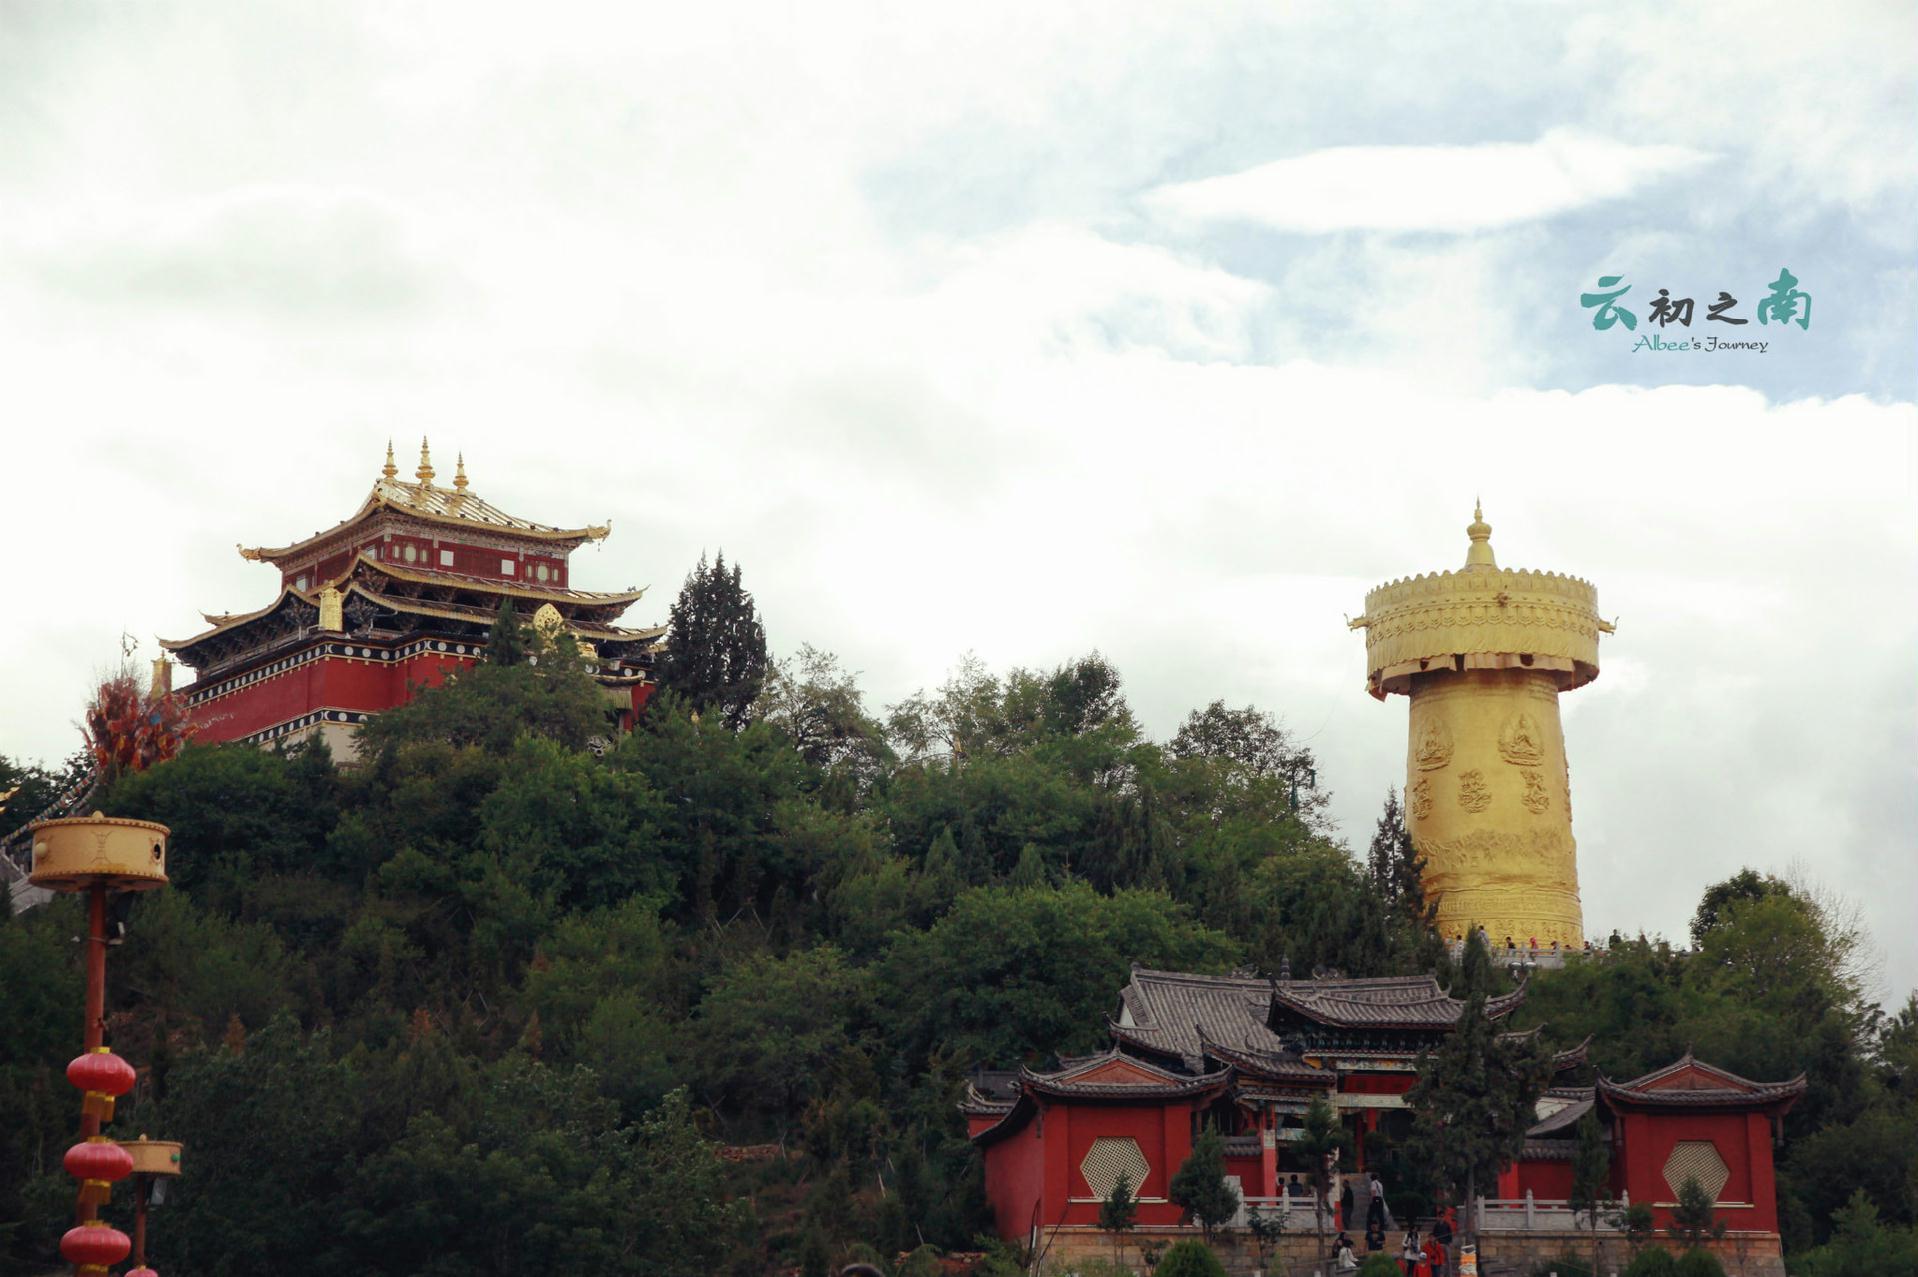 香格里拉旅行日记--圣洁的藏村